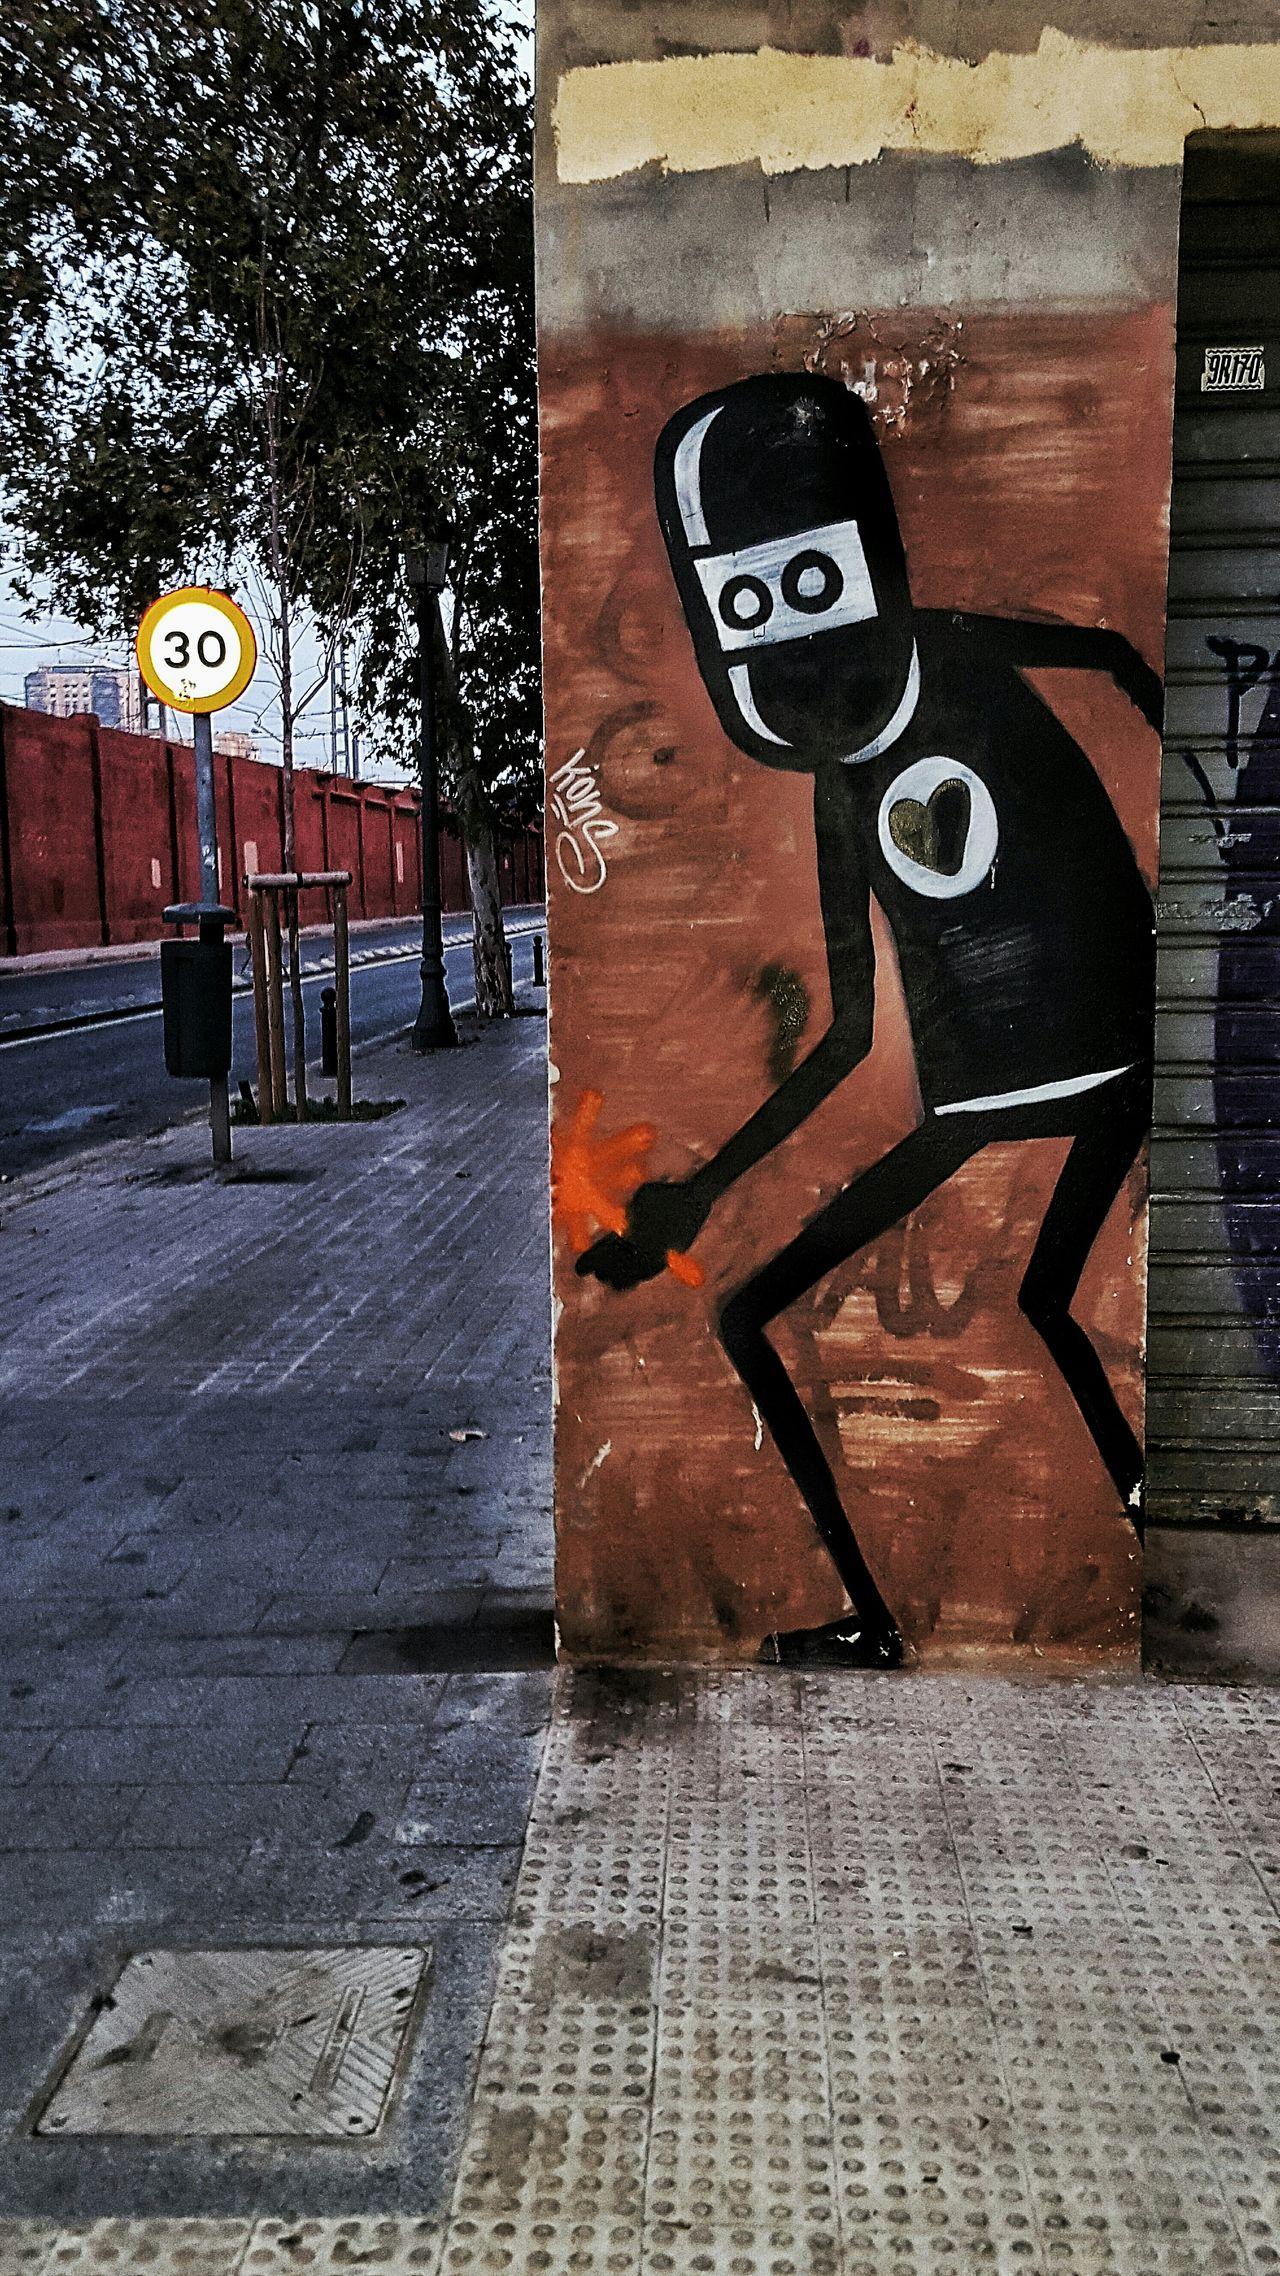 David De Limon Grafitti Grafitti Art. Grafitty Grafitis Grafities Grafitiart Grafiti Art Grafity Grafiti Graffiti Art Graffiti